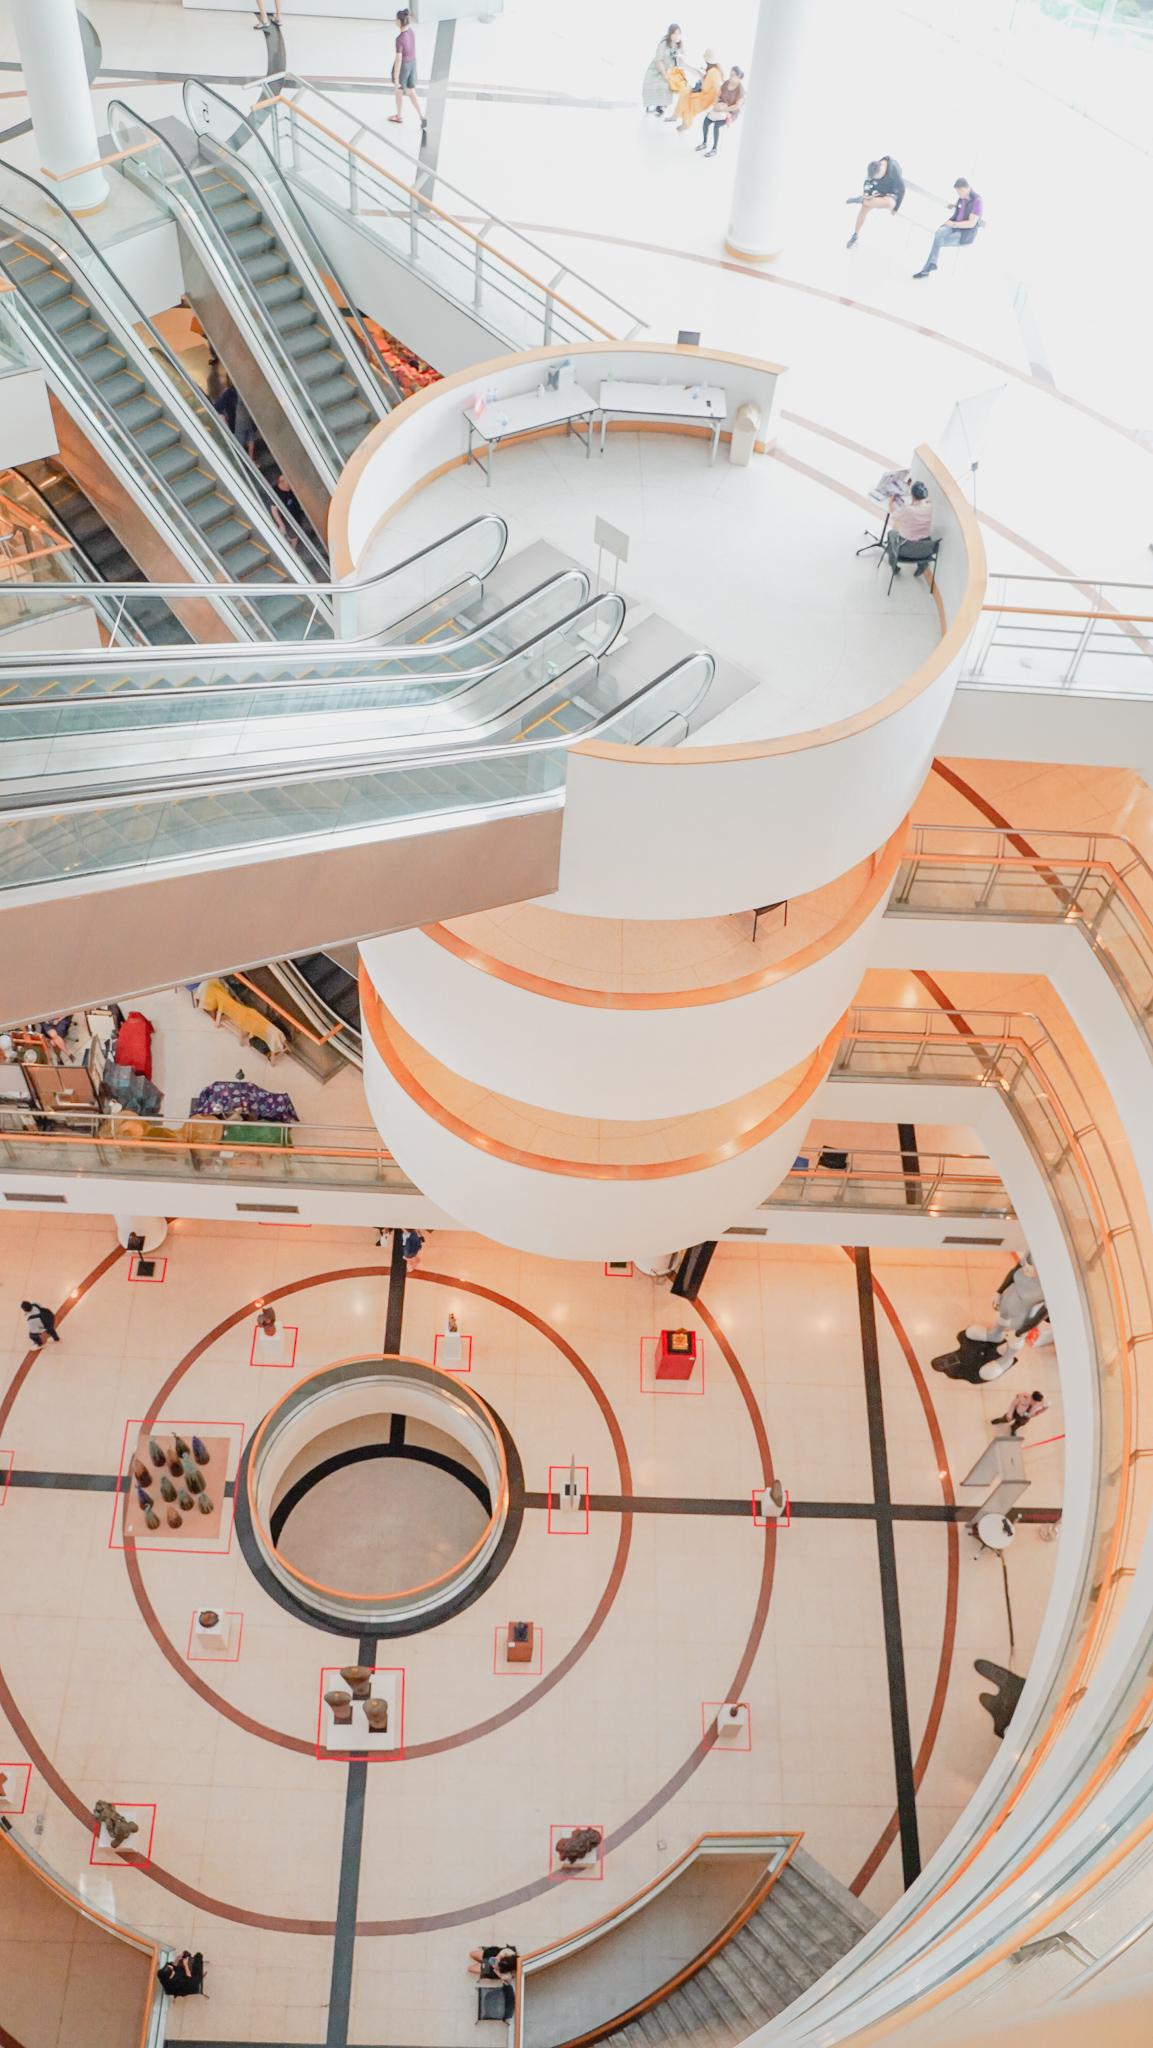 BTSのナショナルスタジアム駅直結でアクセス抜群の「BACC(バンコク・アート&カルチャー・センター)」